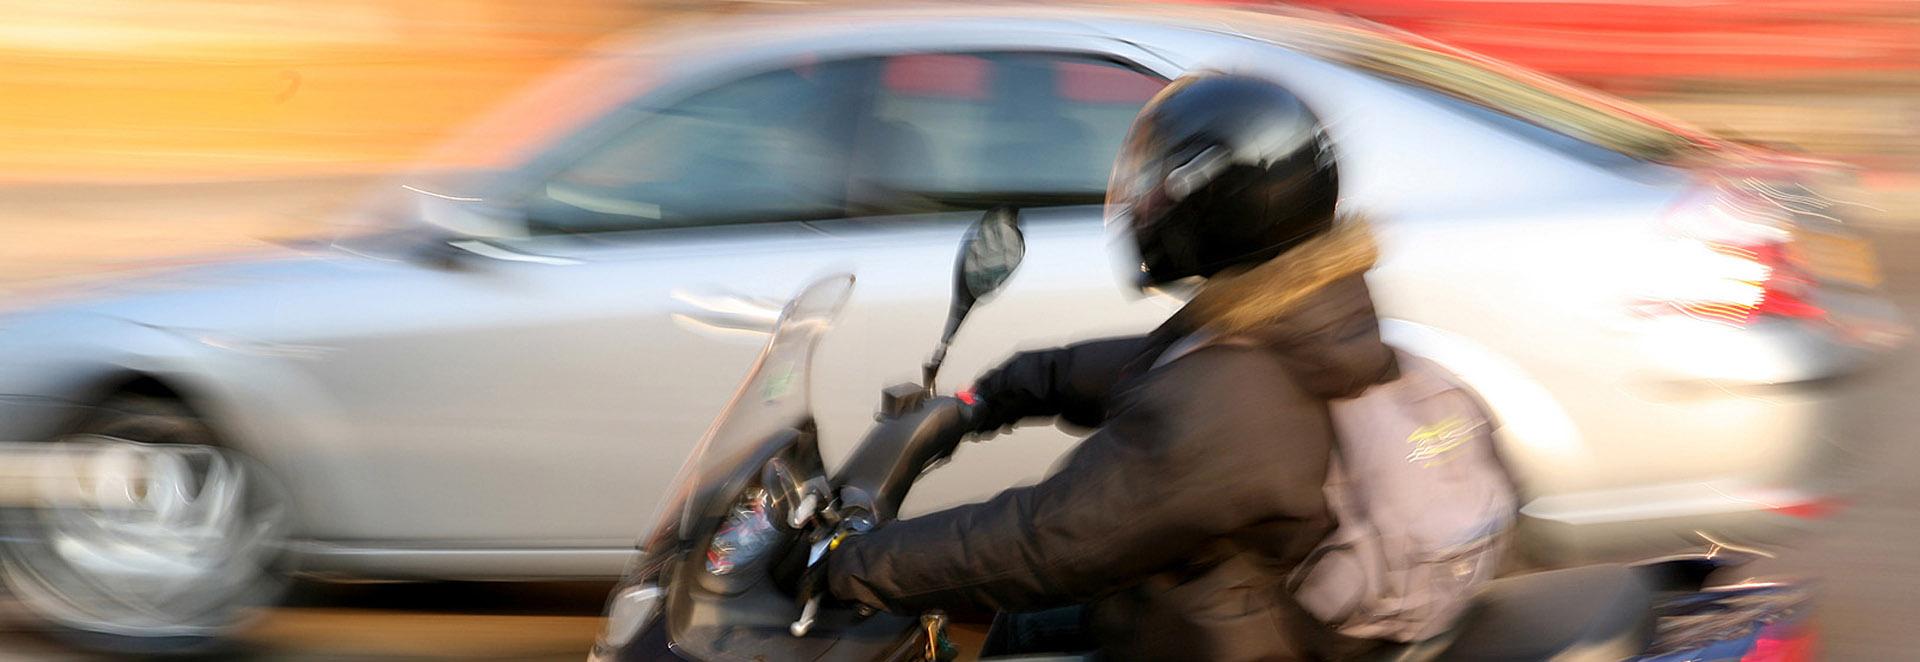 auto vs motorrad